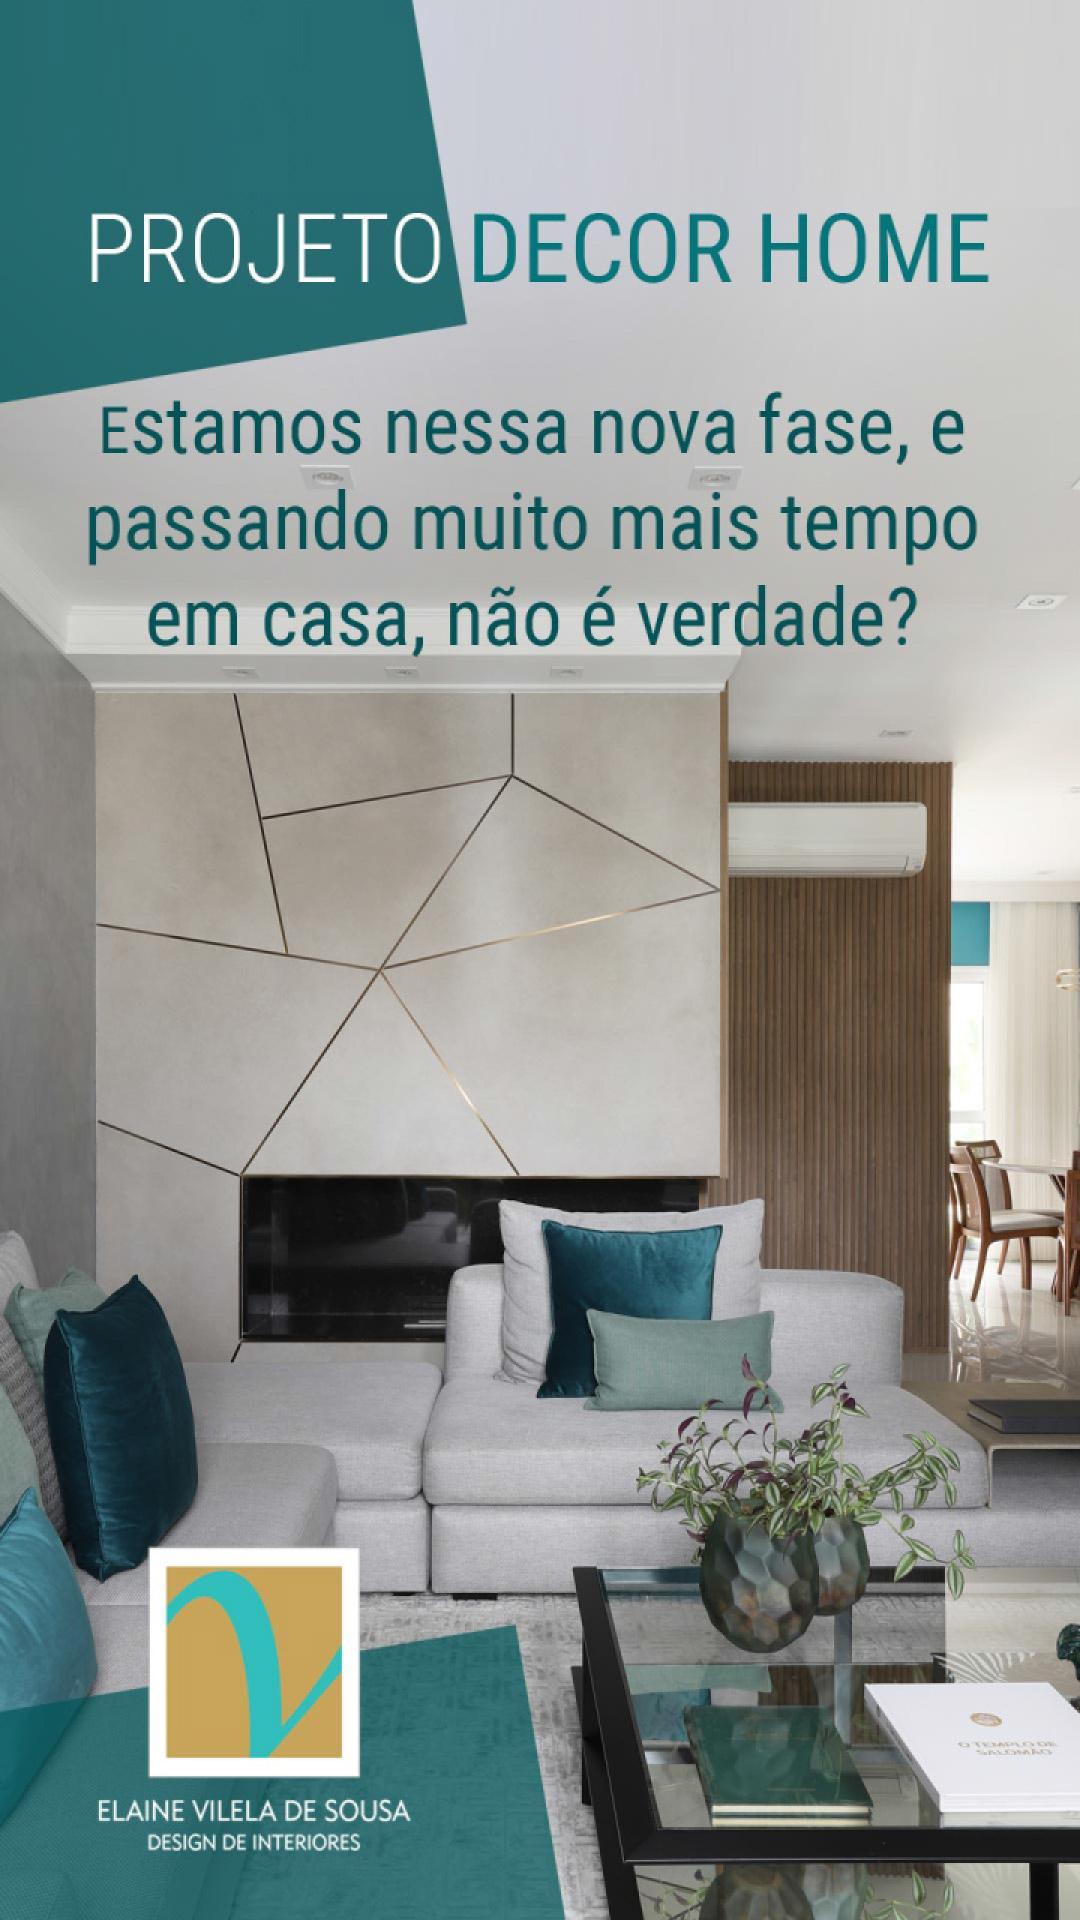 Projeto-Decor-Home---Elaine-Vilela-de-Sousa-1